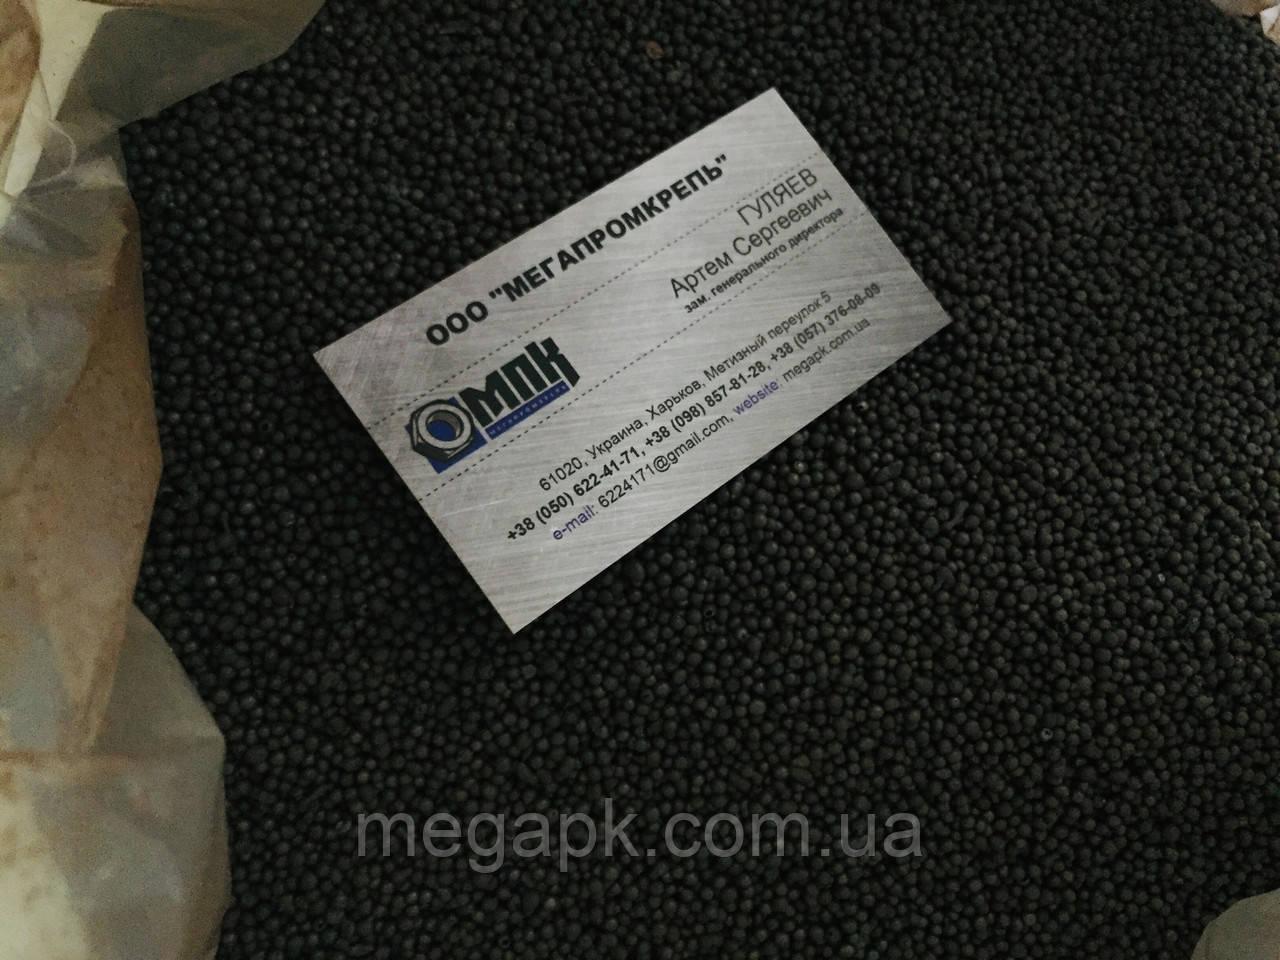 Дробь чугунная литая 0.8 (ДЧЛ) ГОСТ 11964-81